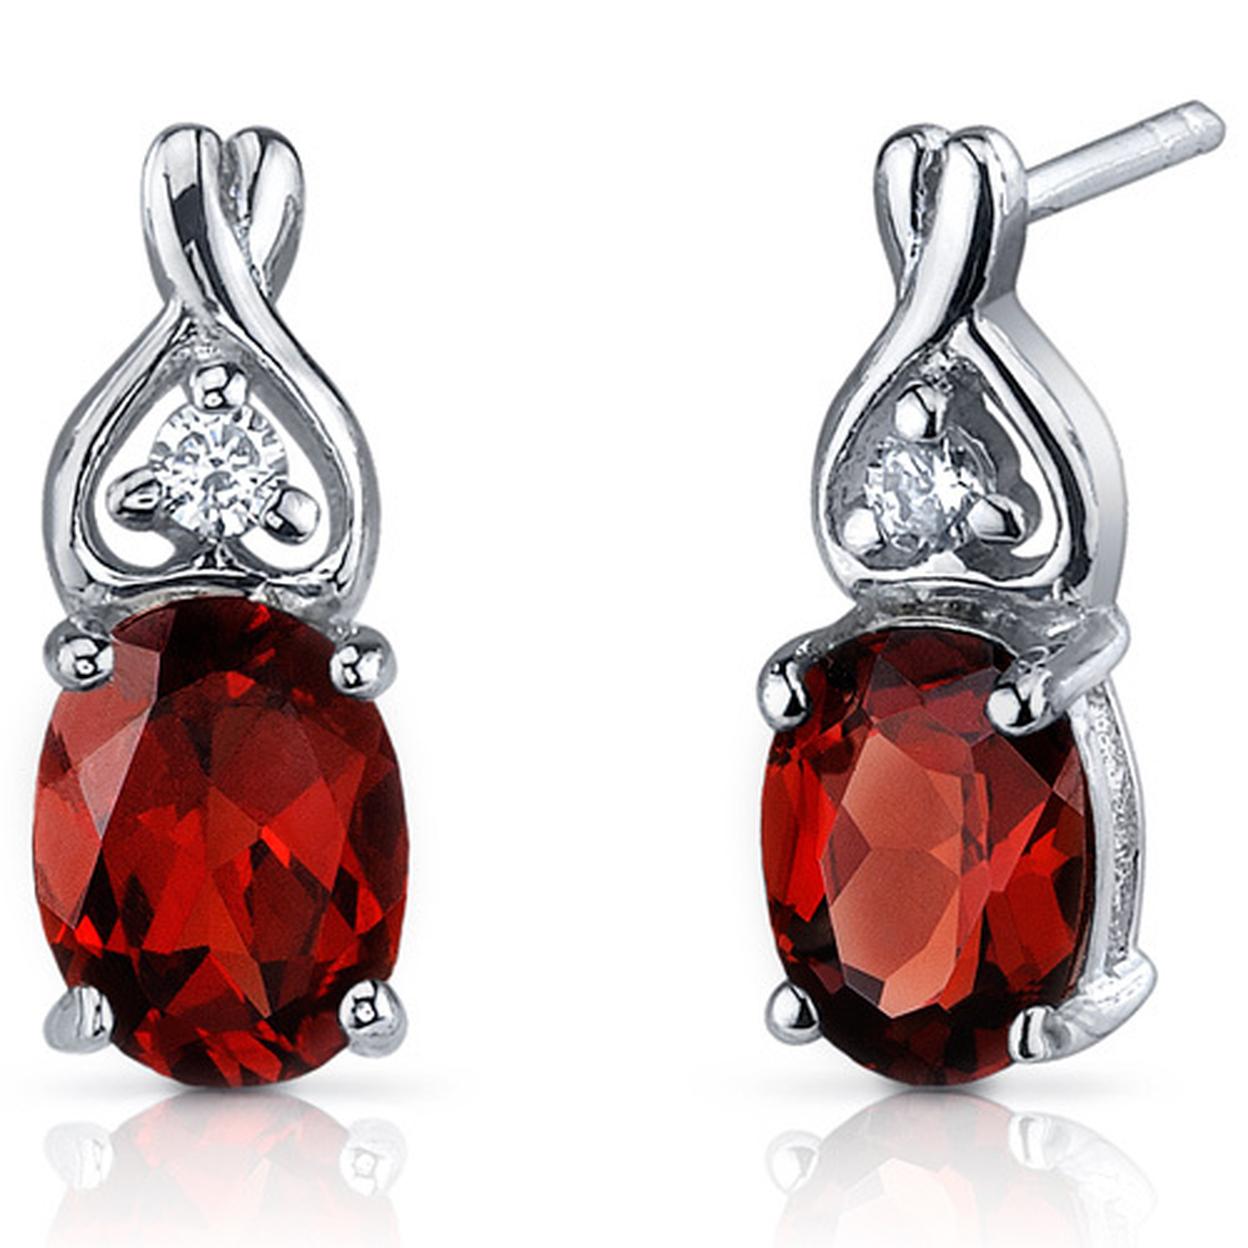 Classy Style 3.00 Carats Garnet Oval Cut Cz Earrings In Sterling Silver Style Se7206